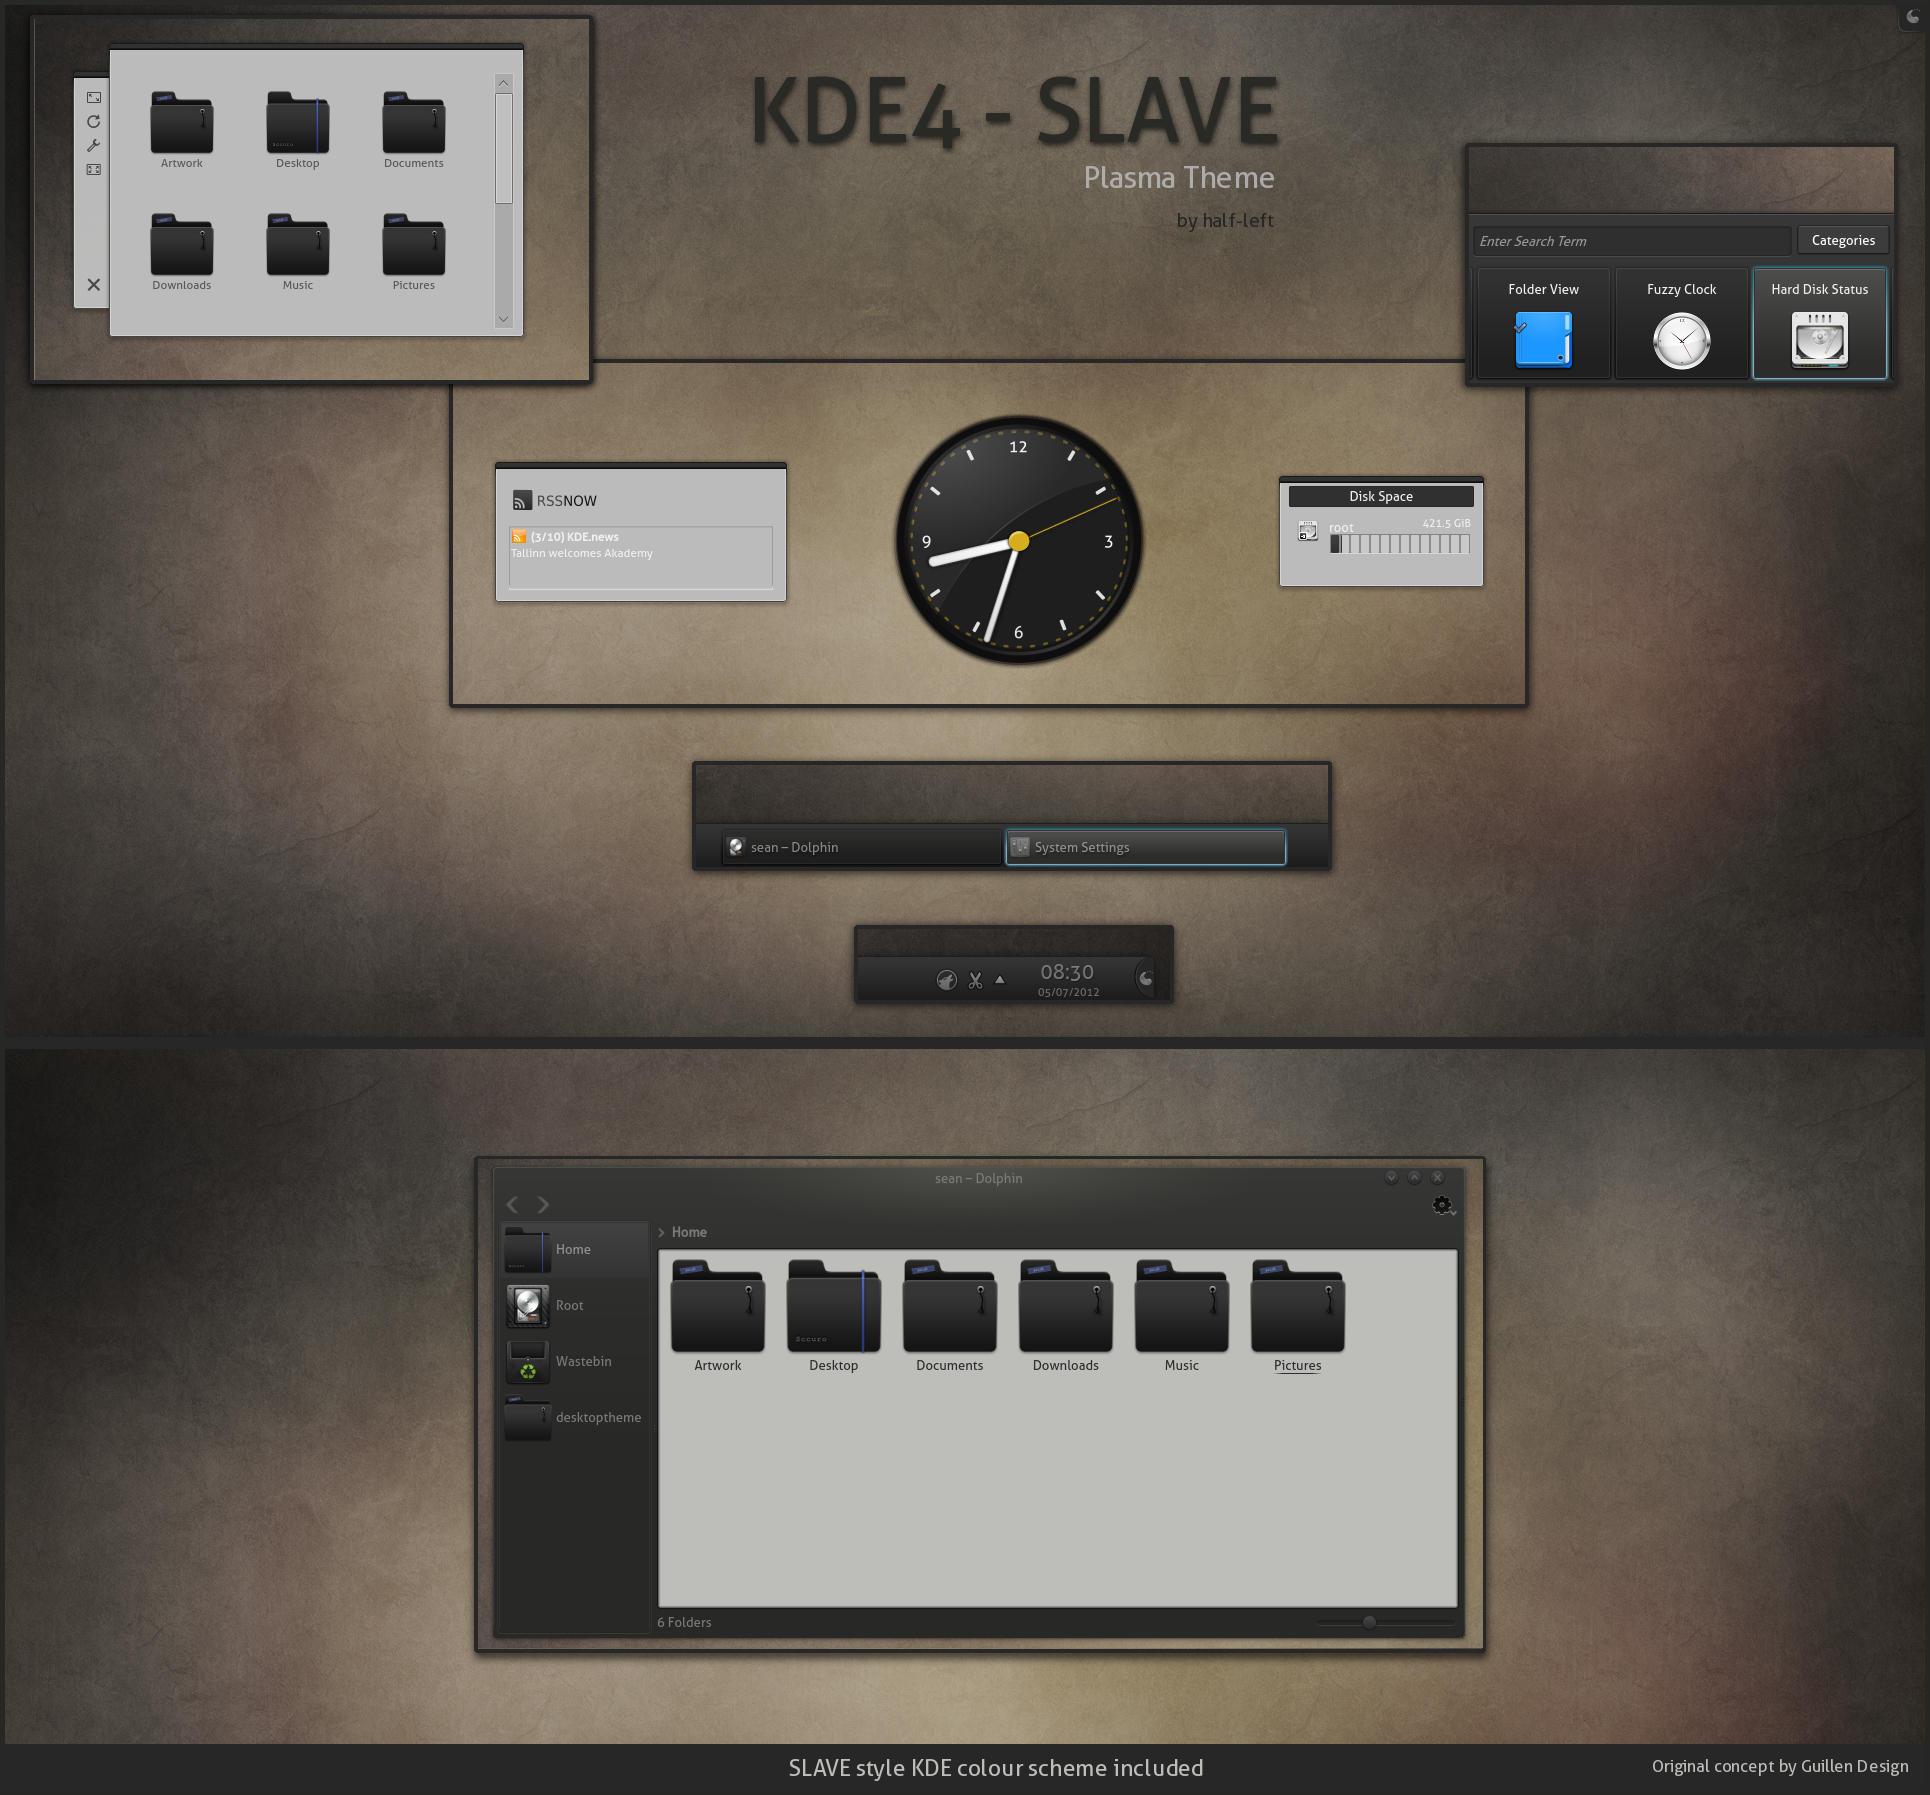 KDE4 - SLAVE by half-left